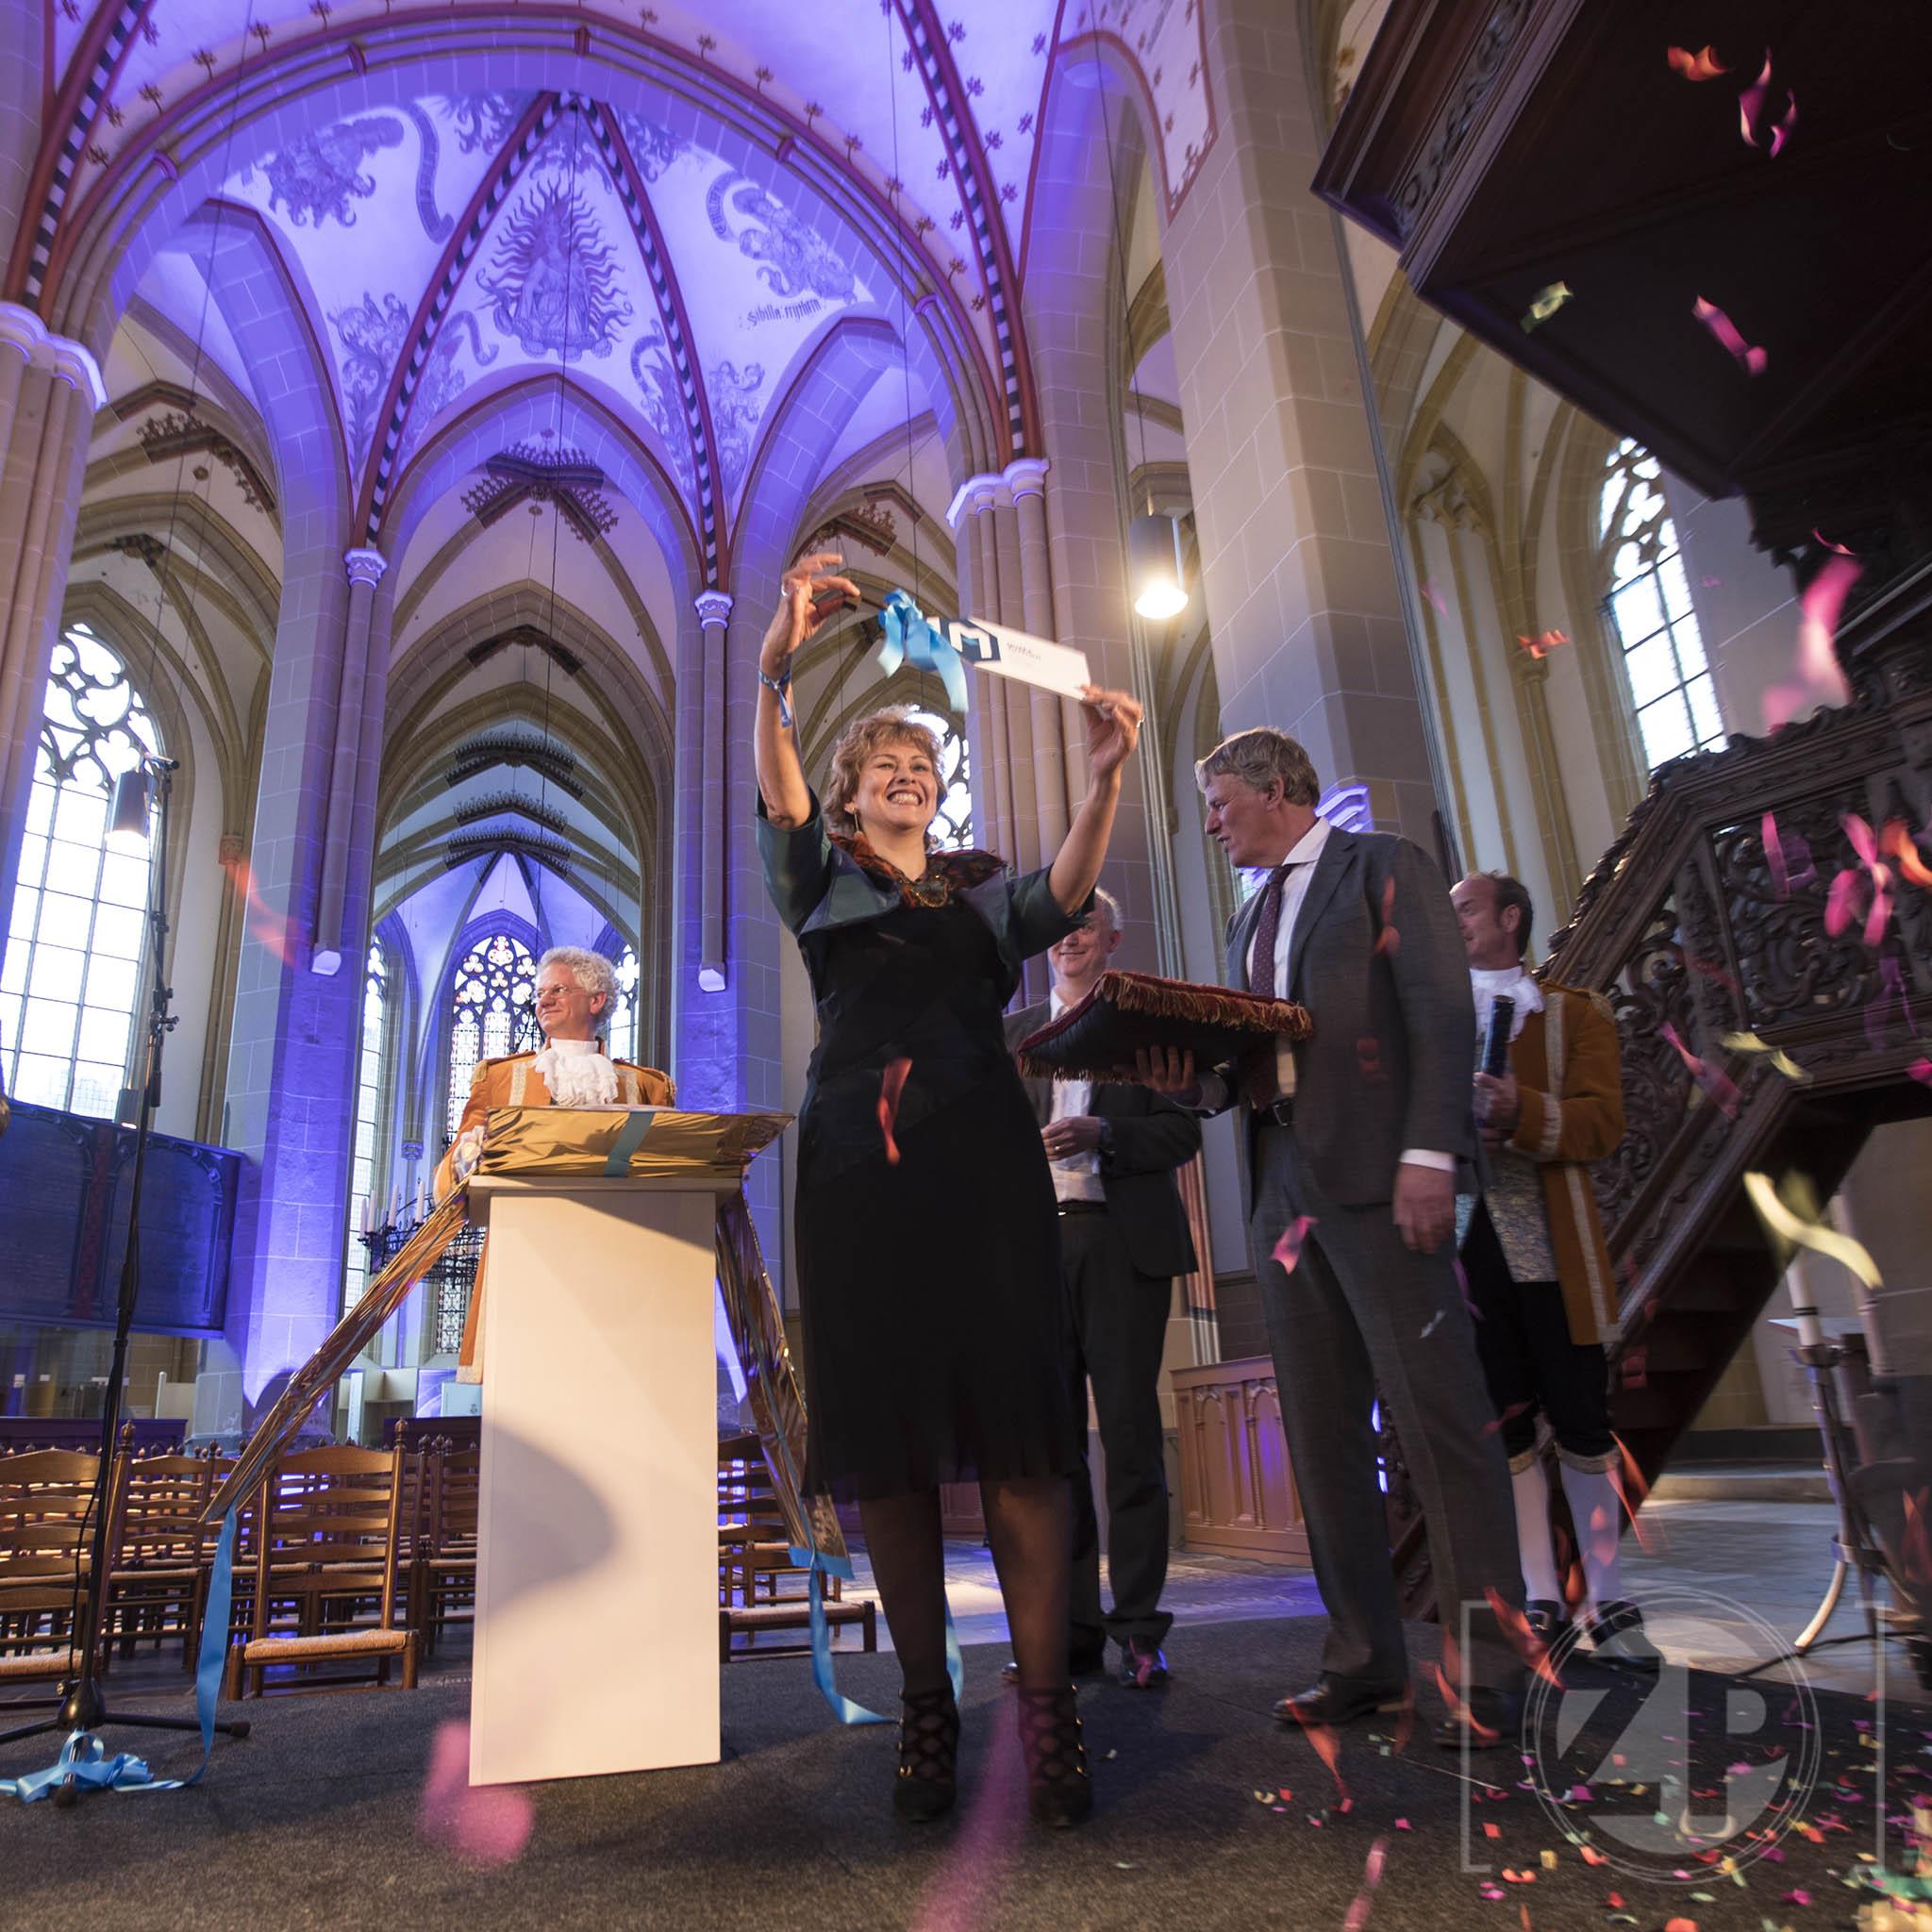 Opening van de Musea Zutphen, openingshandeling in de Walburgiskerk.